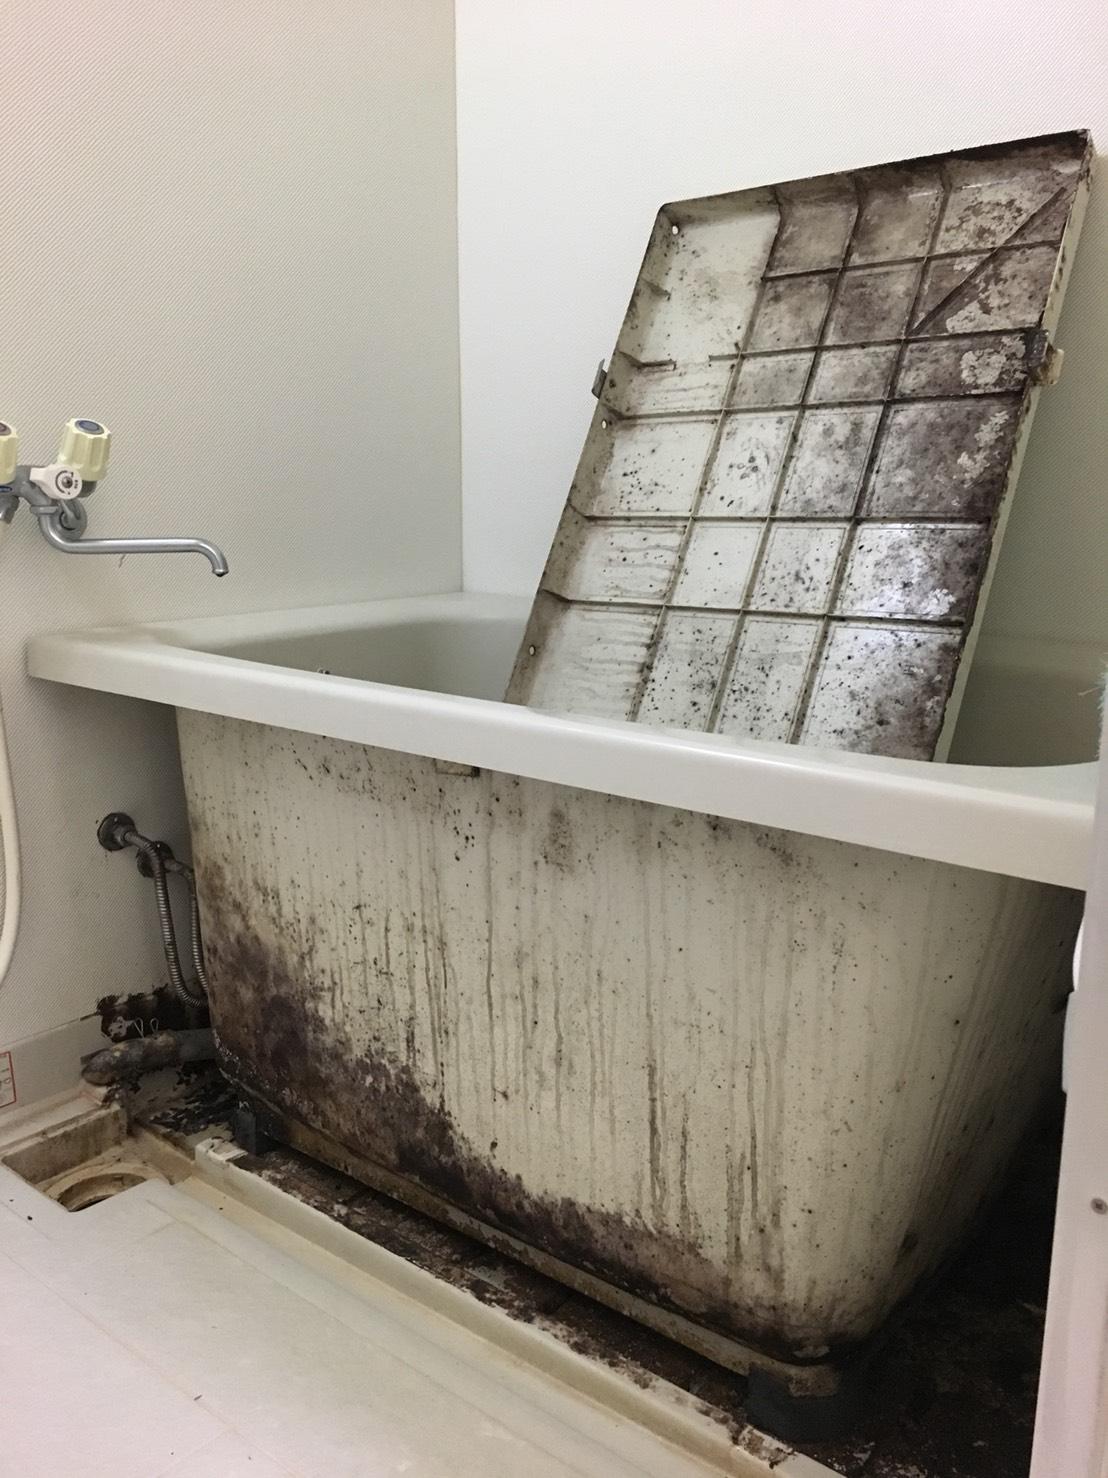 「お風呂掃除」 お掃除が苦手で困っているお客様、おそうじプラスに是非おまかせください!名もなき家事&パラレル家事で解決!